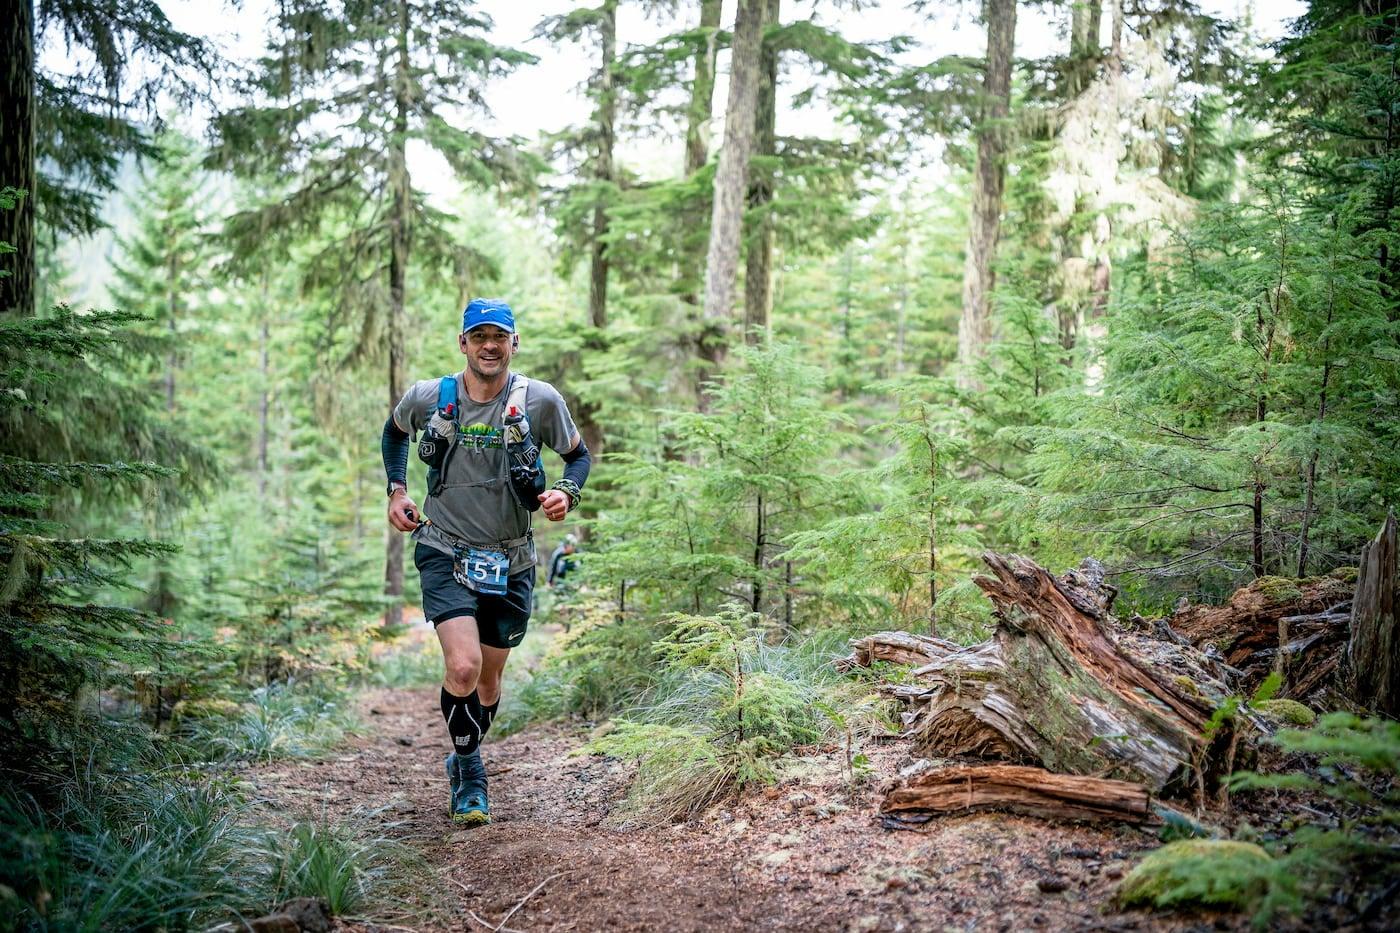 Mark Friess trail running through the woods in Hoka Evo Mafates.